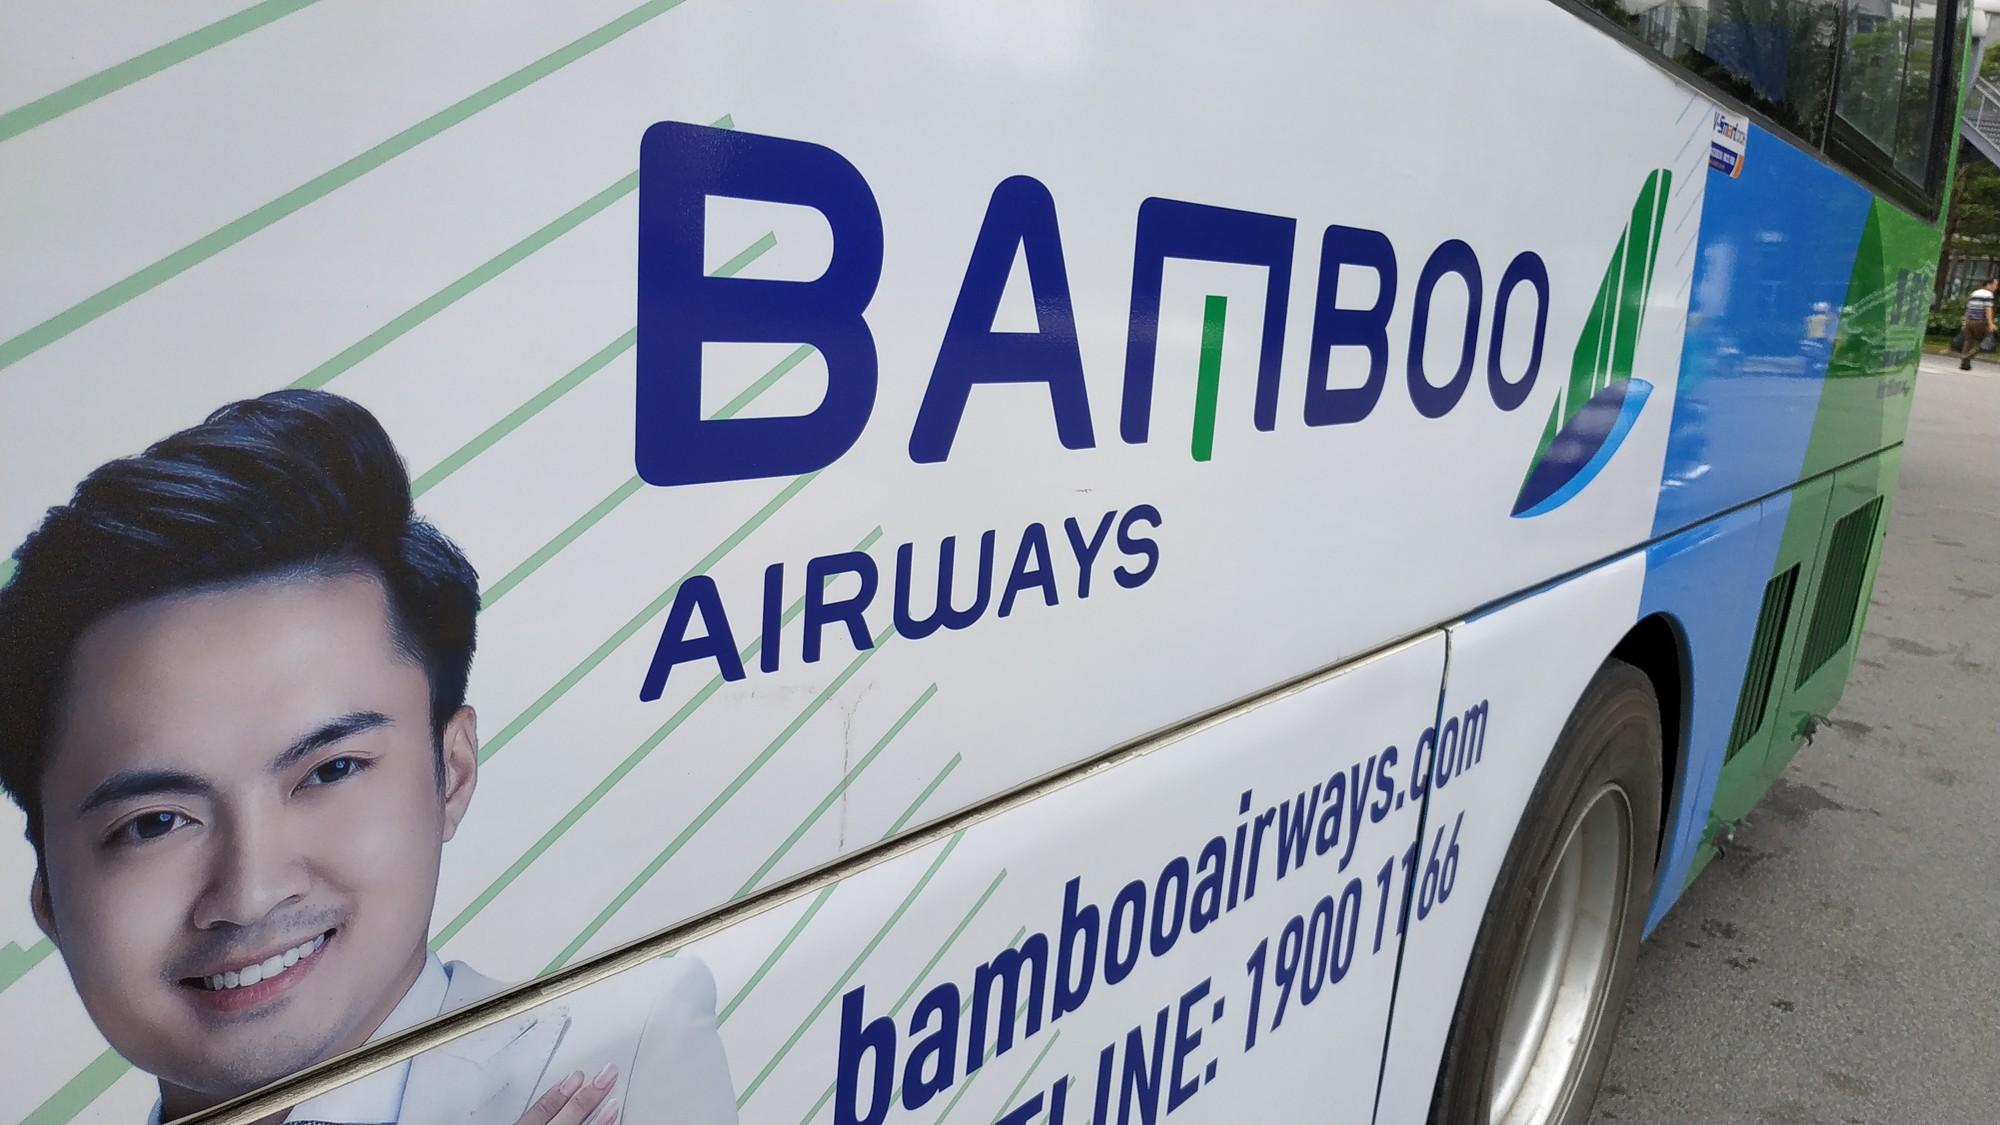 Bamboo bus